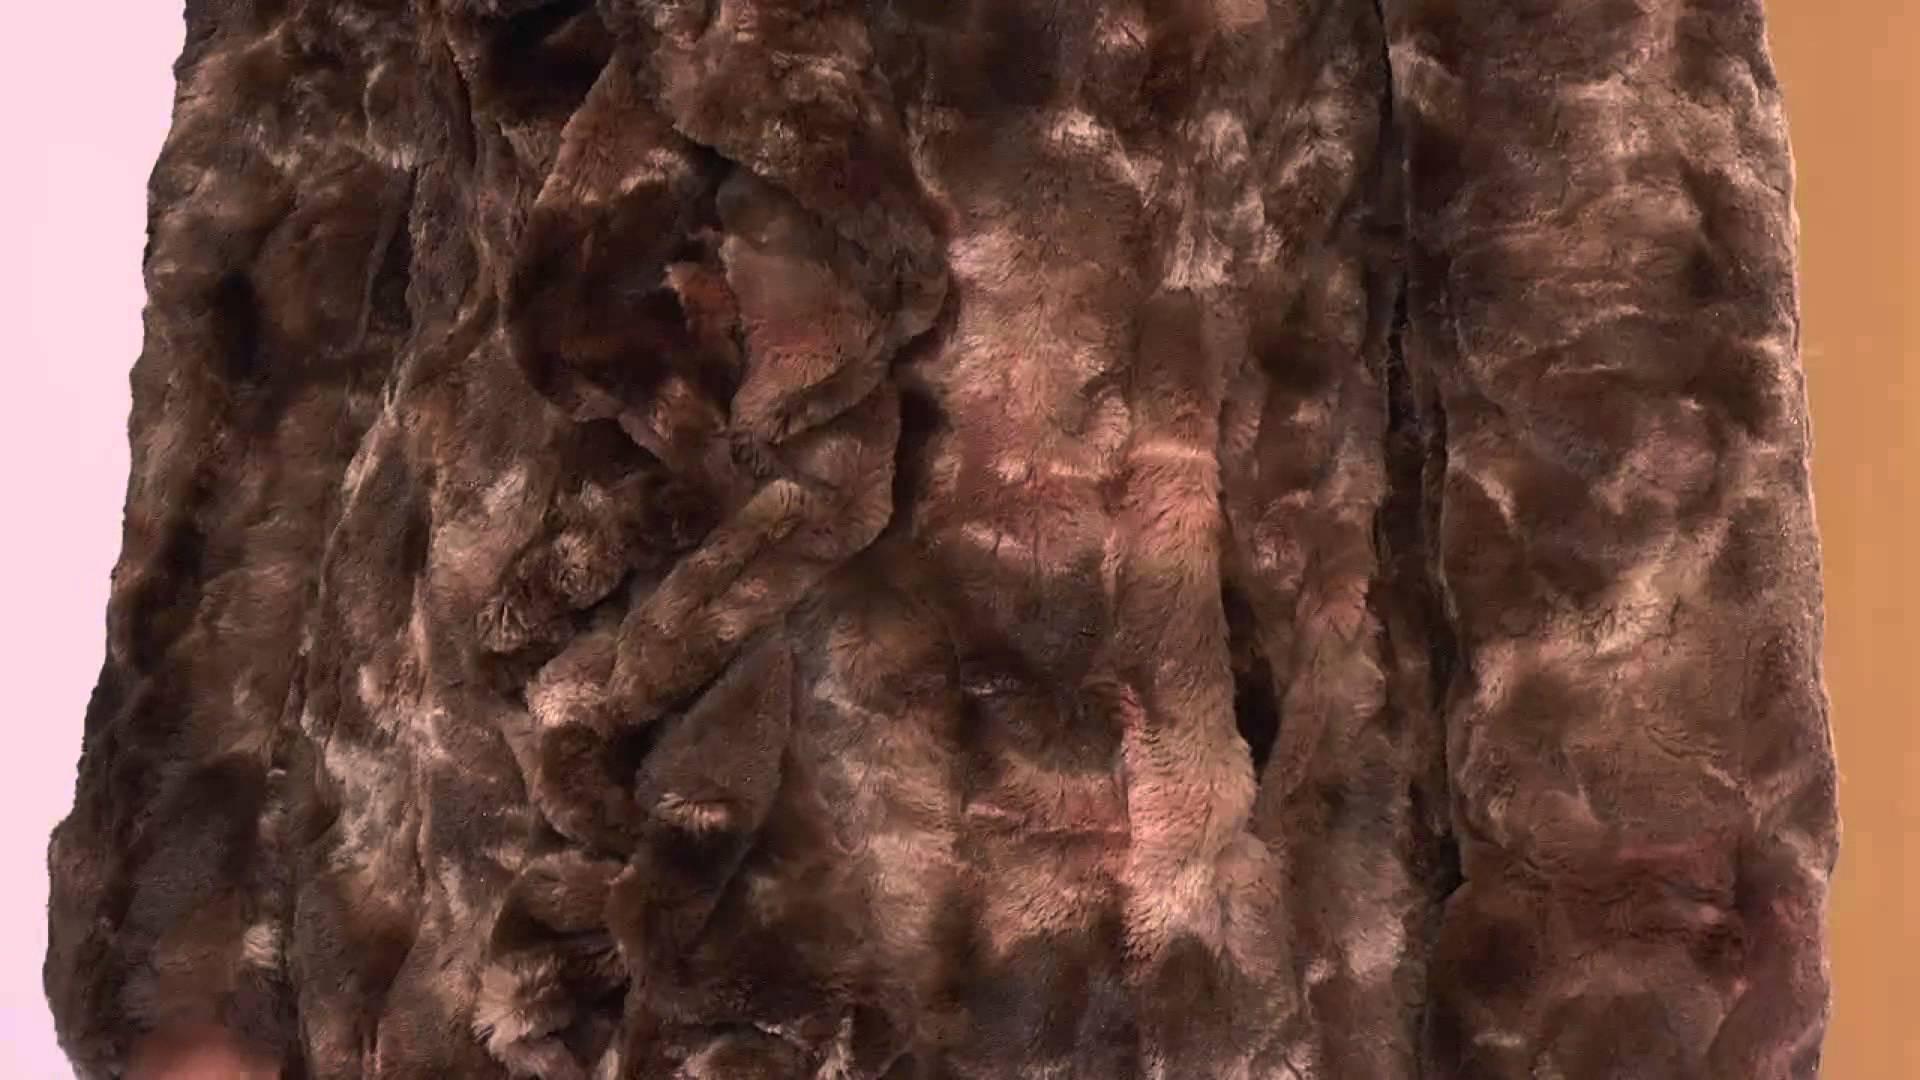 Пастельному меху лучше придать насыщенный коричневый оттенок